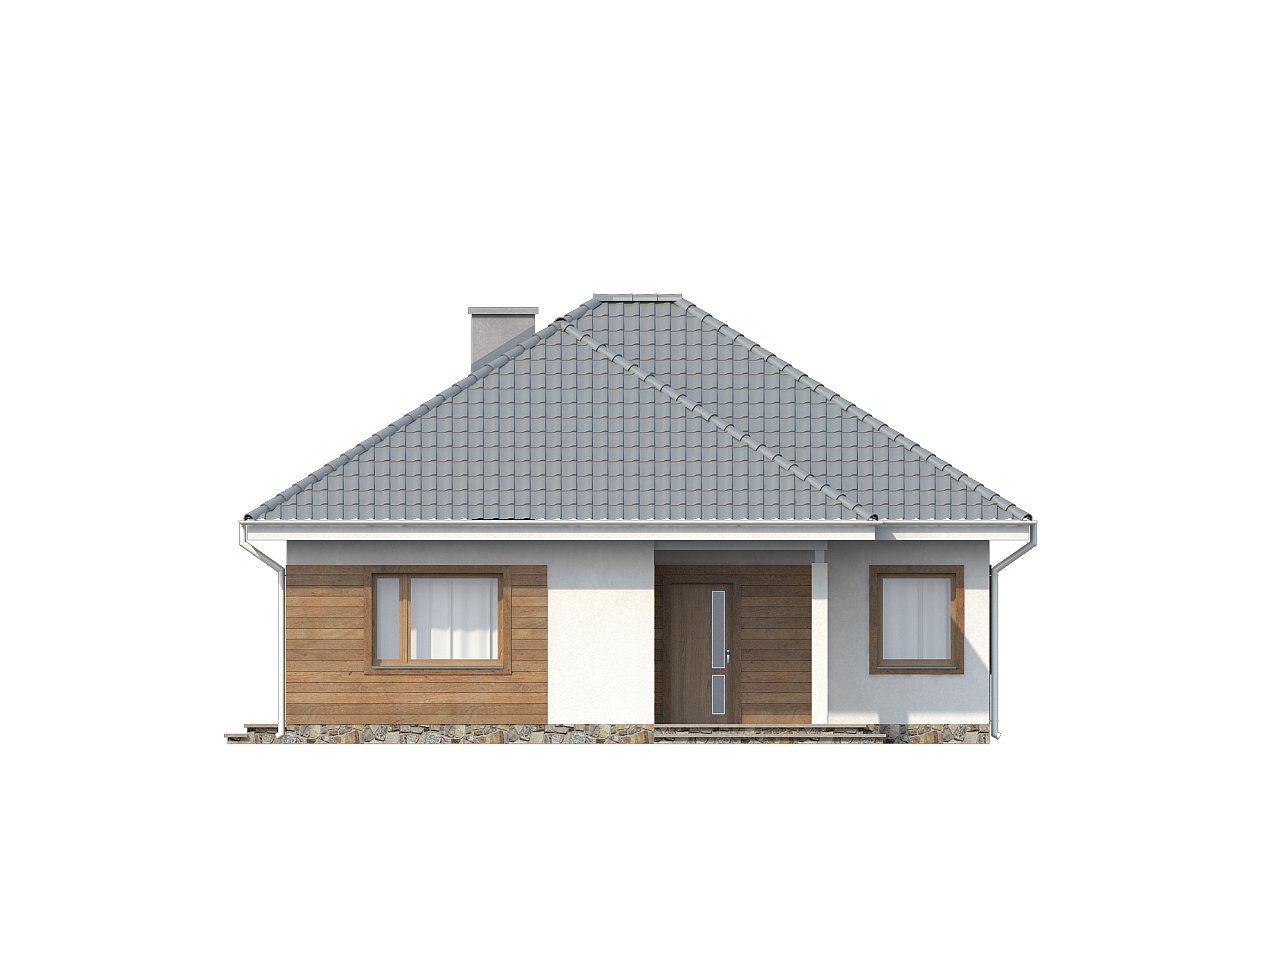 Проект одноэтажного практичного и уютного дома с крытой террасой. 22